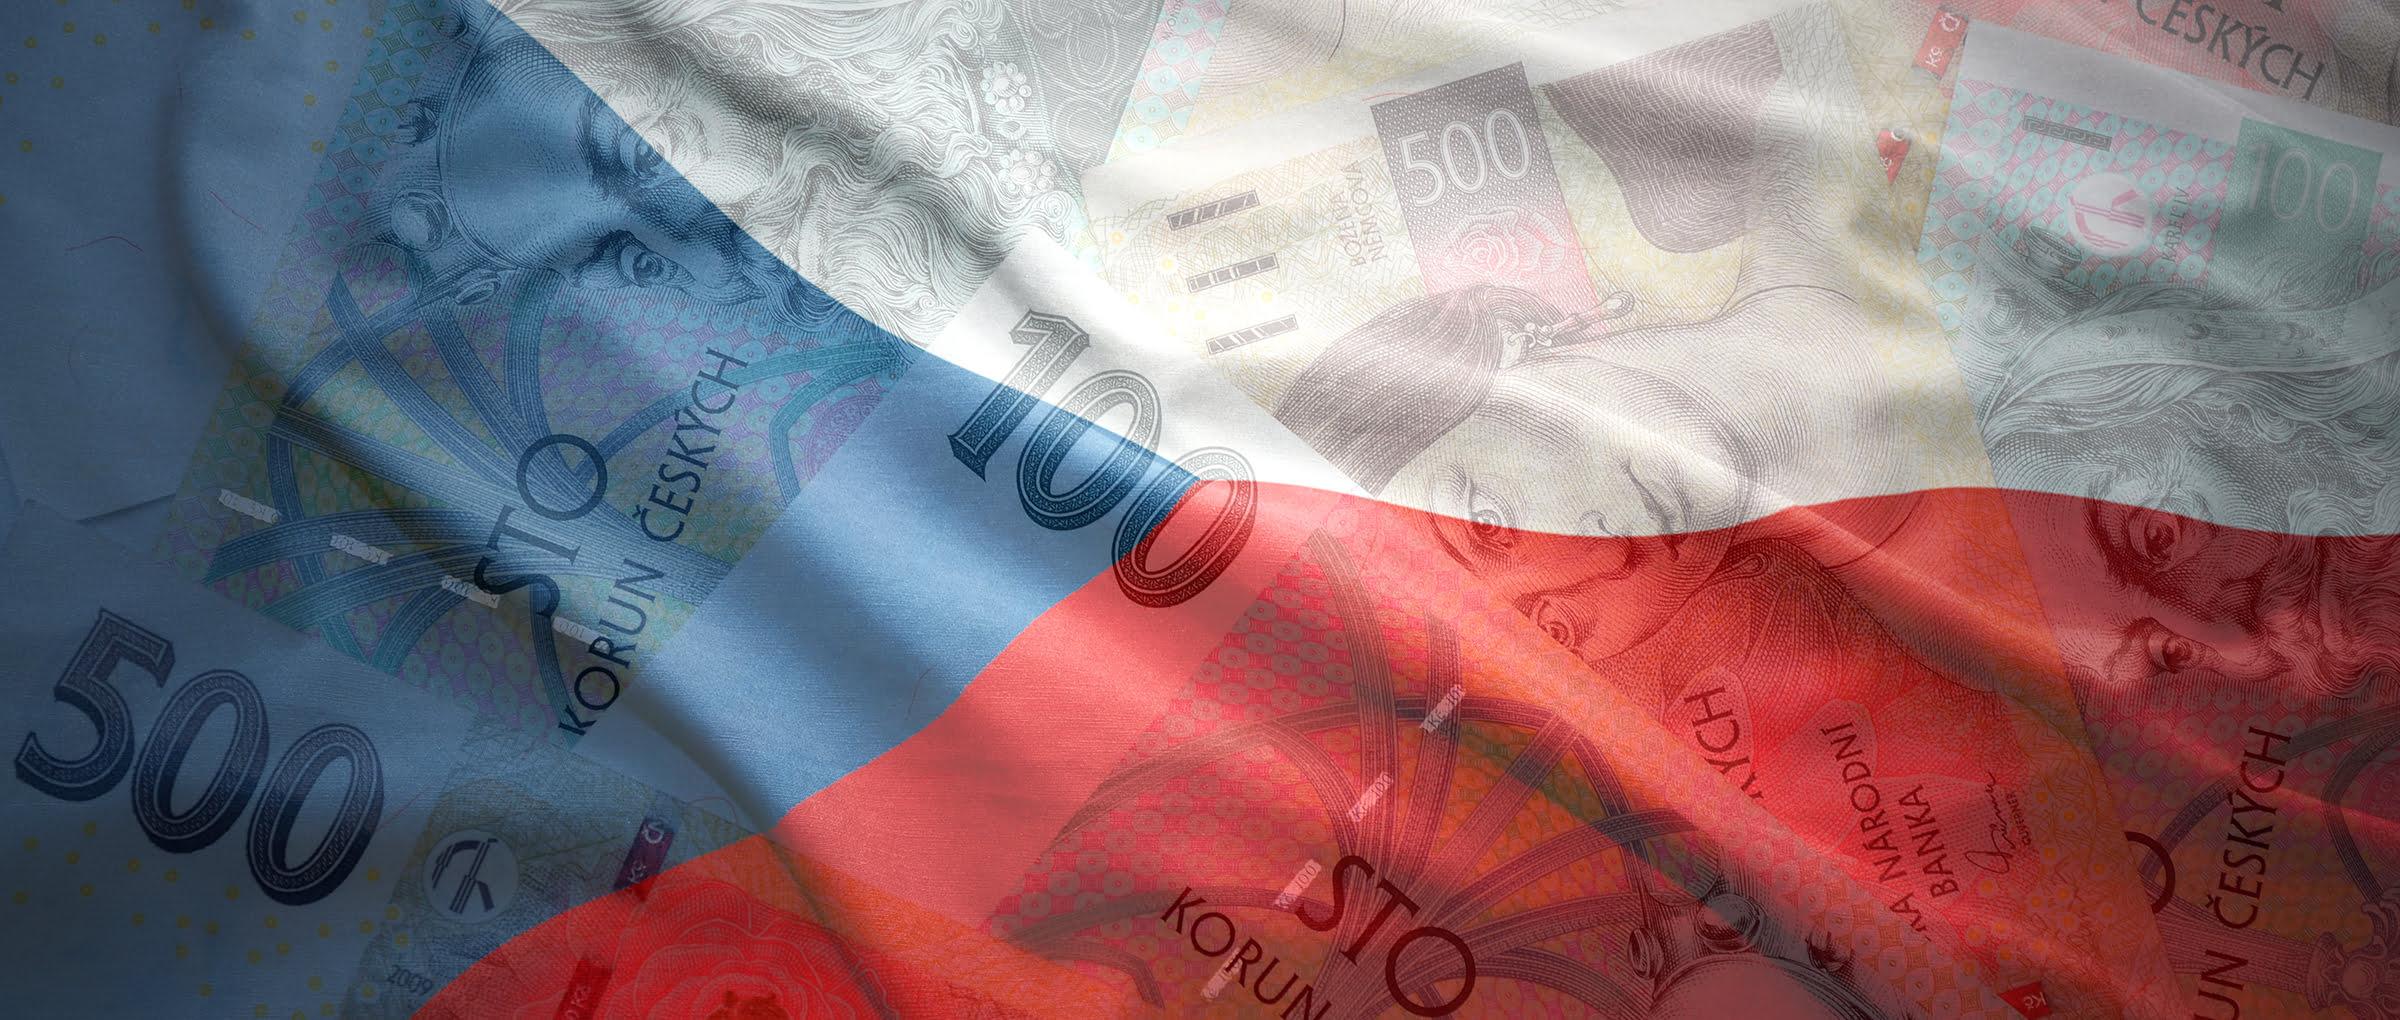 Precio donación de óvulos en República Checa